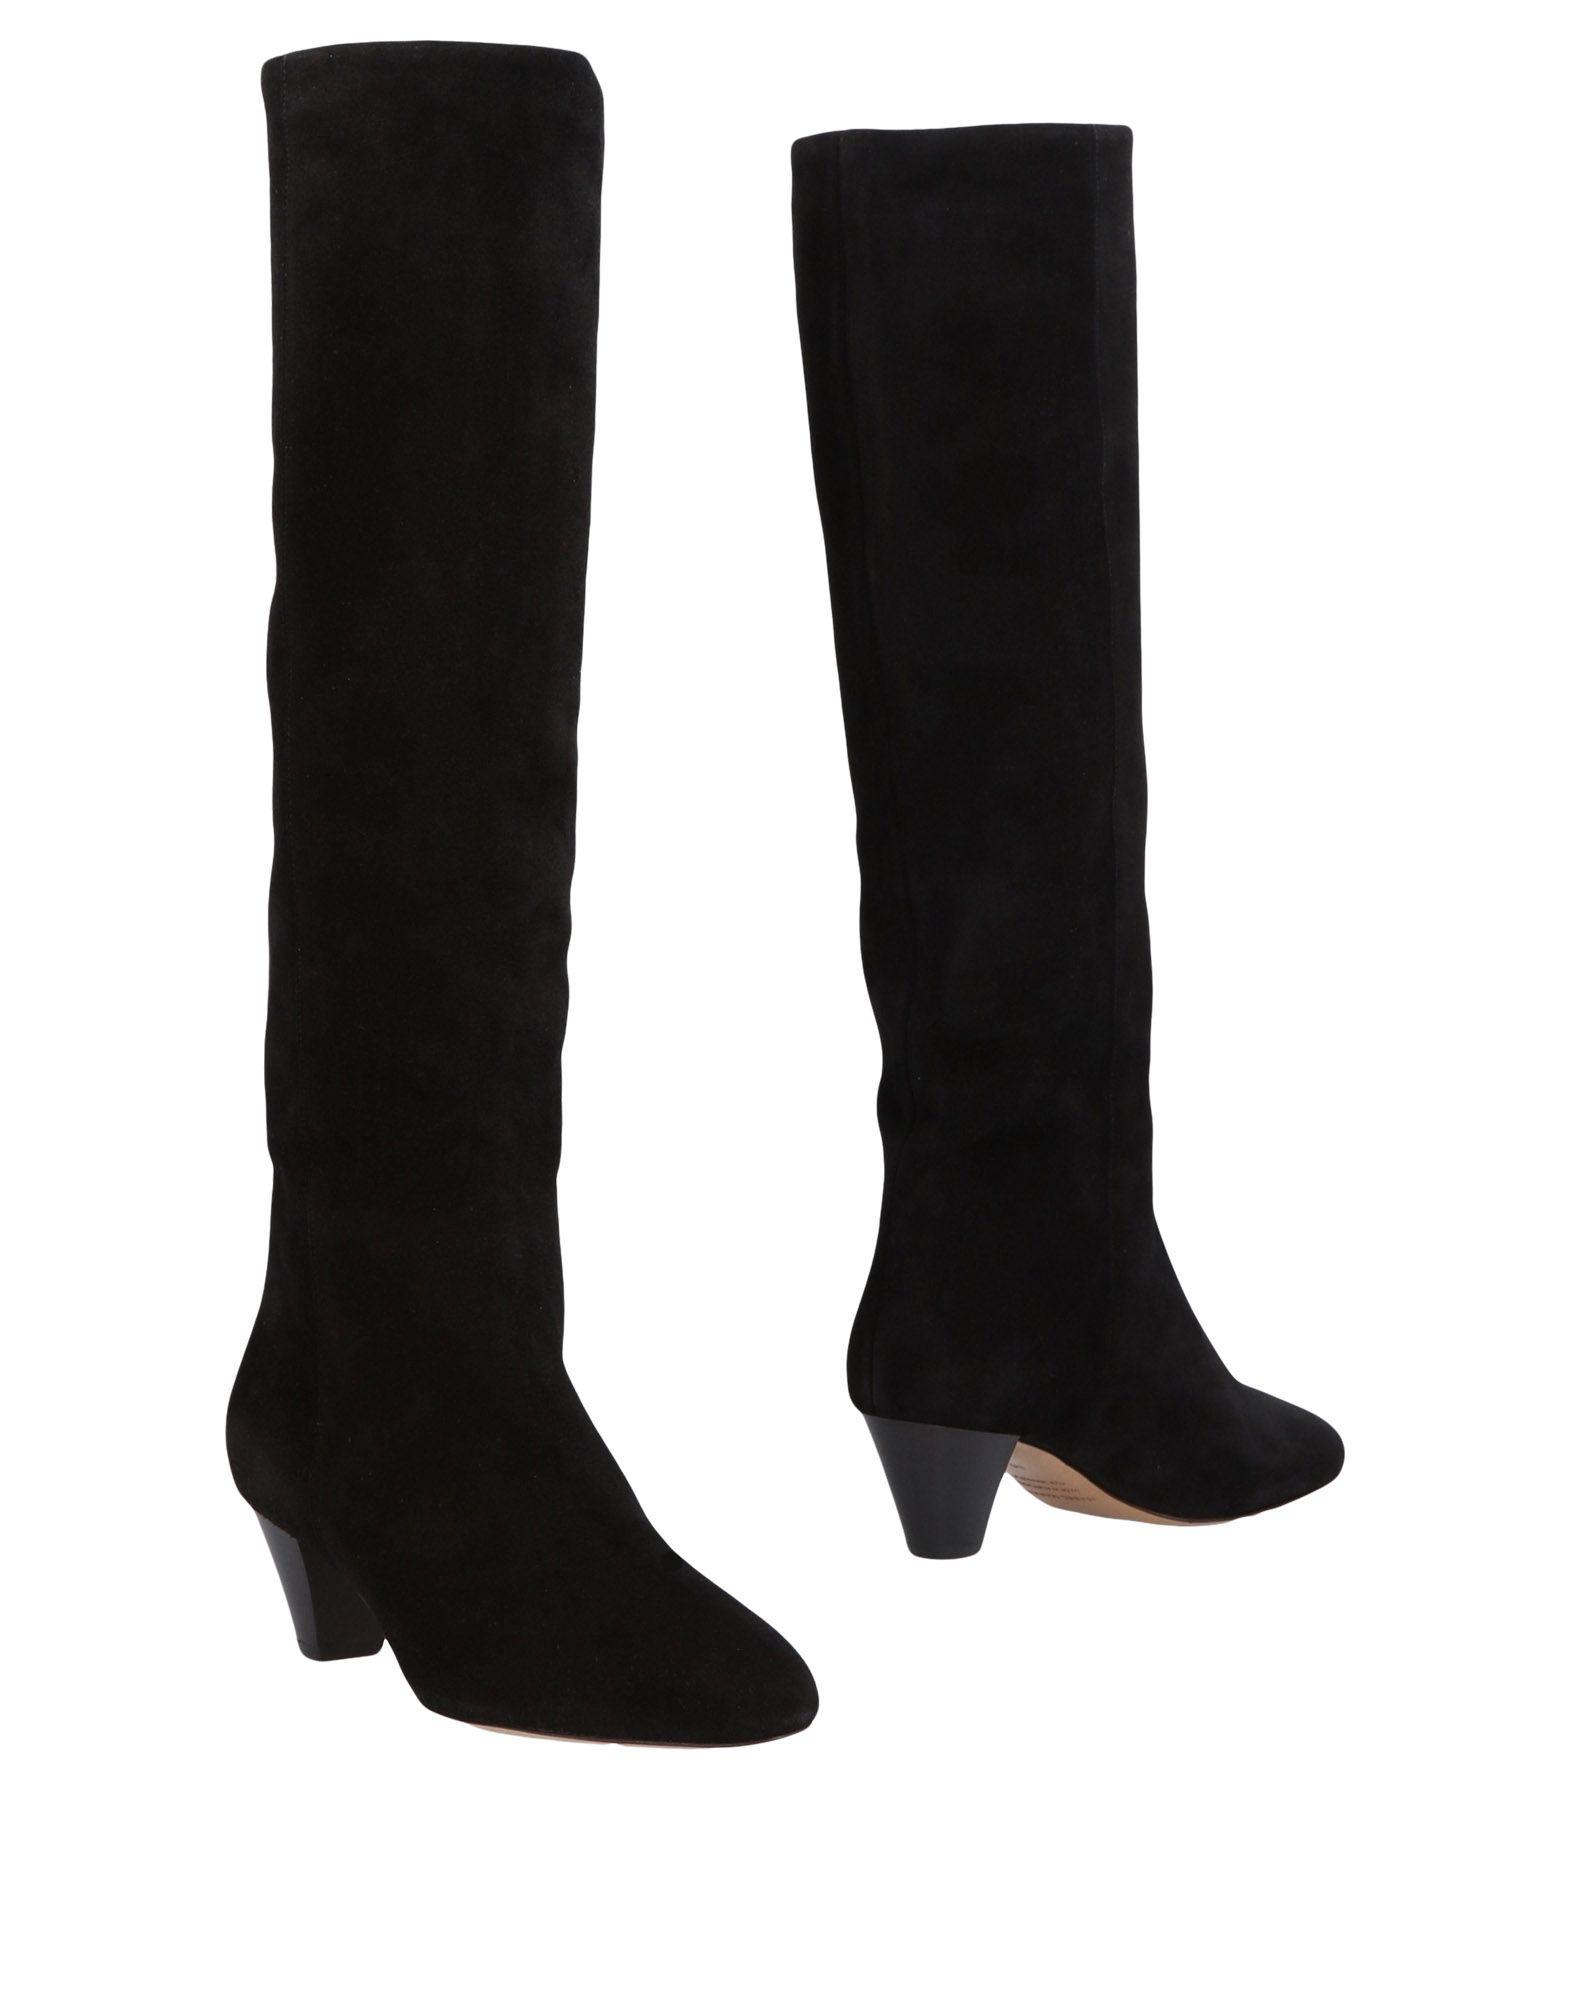 Isabel Marant Stiefel gut Damen 11461230KFGünstige gut Stiefel aussehende Schuhe 0ddfef